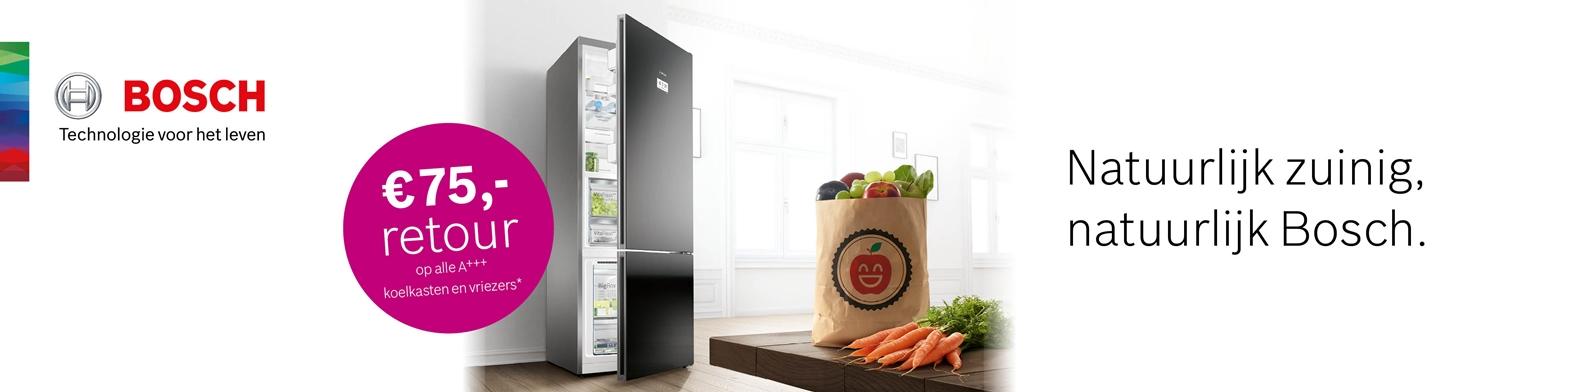 Bosch A+++ koelkasten en vriezers met 75,- retour